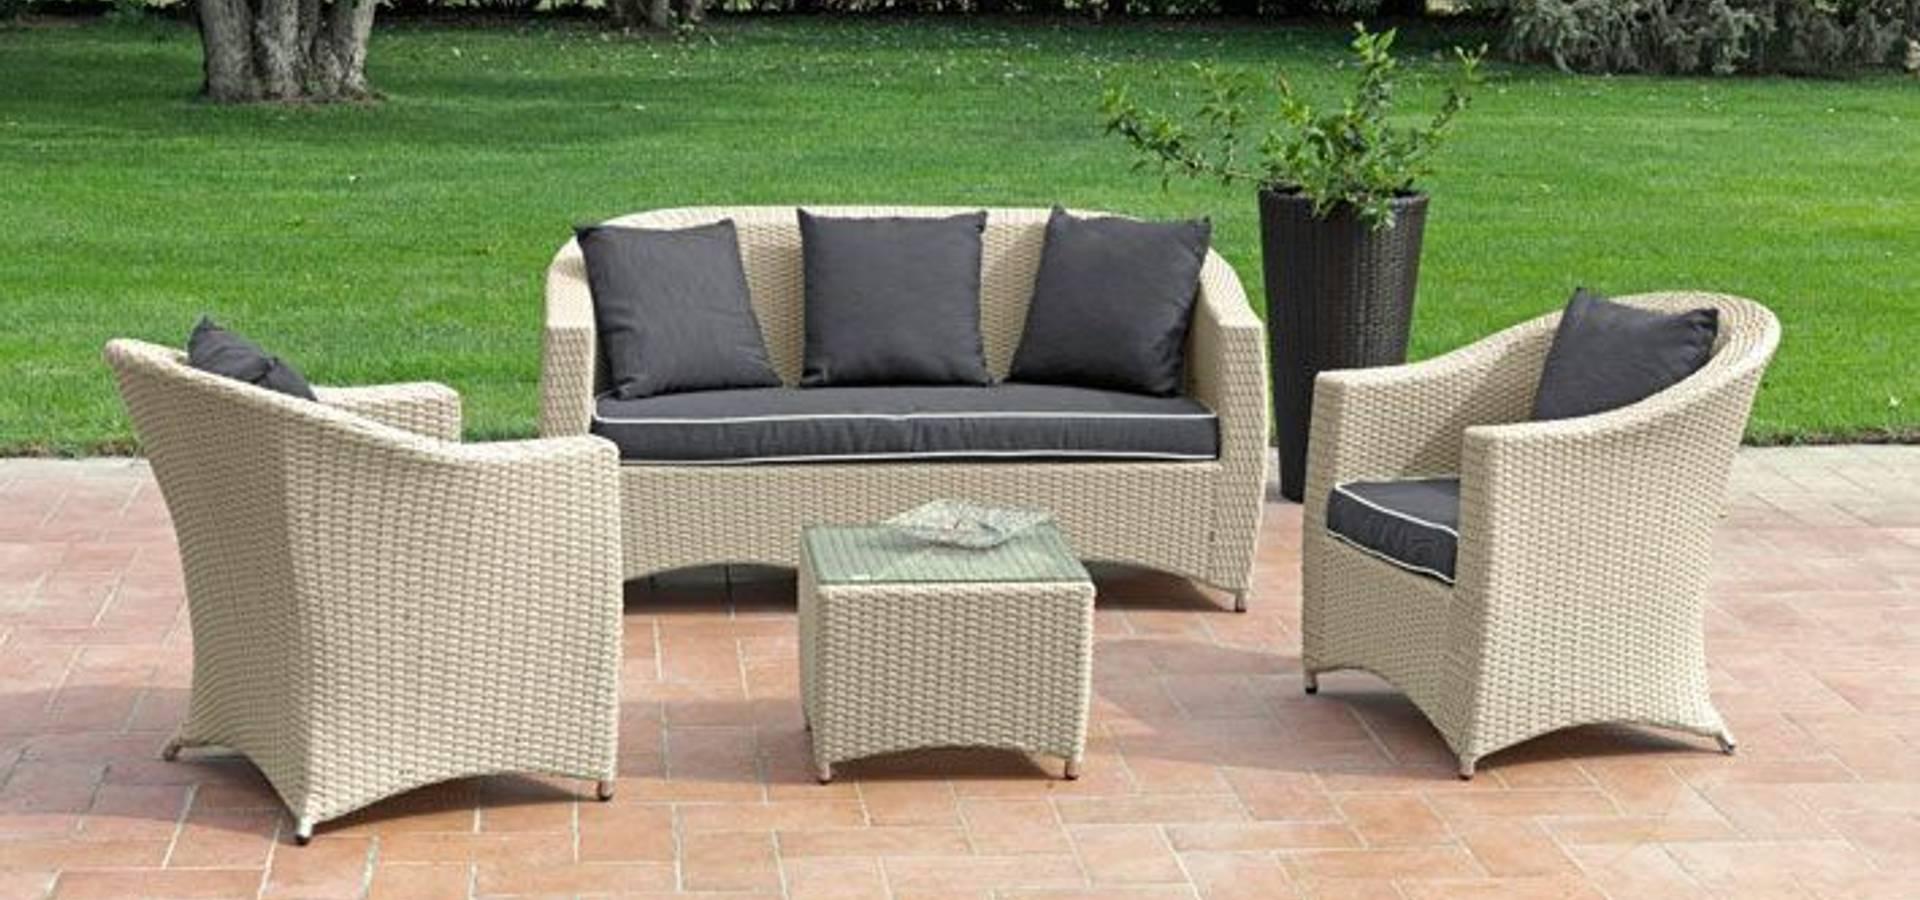 Arredo giardino on line economico mobilia la tua casa for Come costruire la tua casa